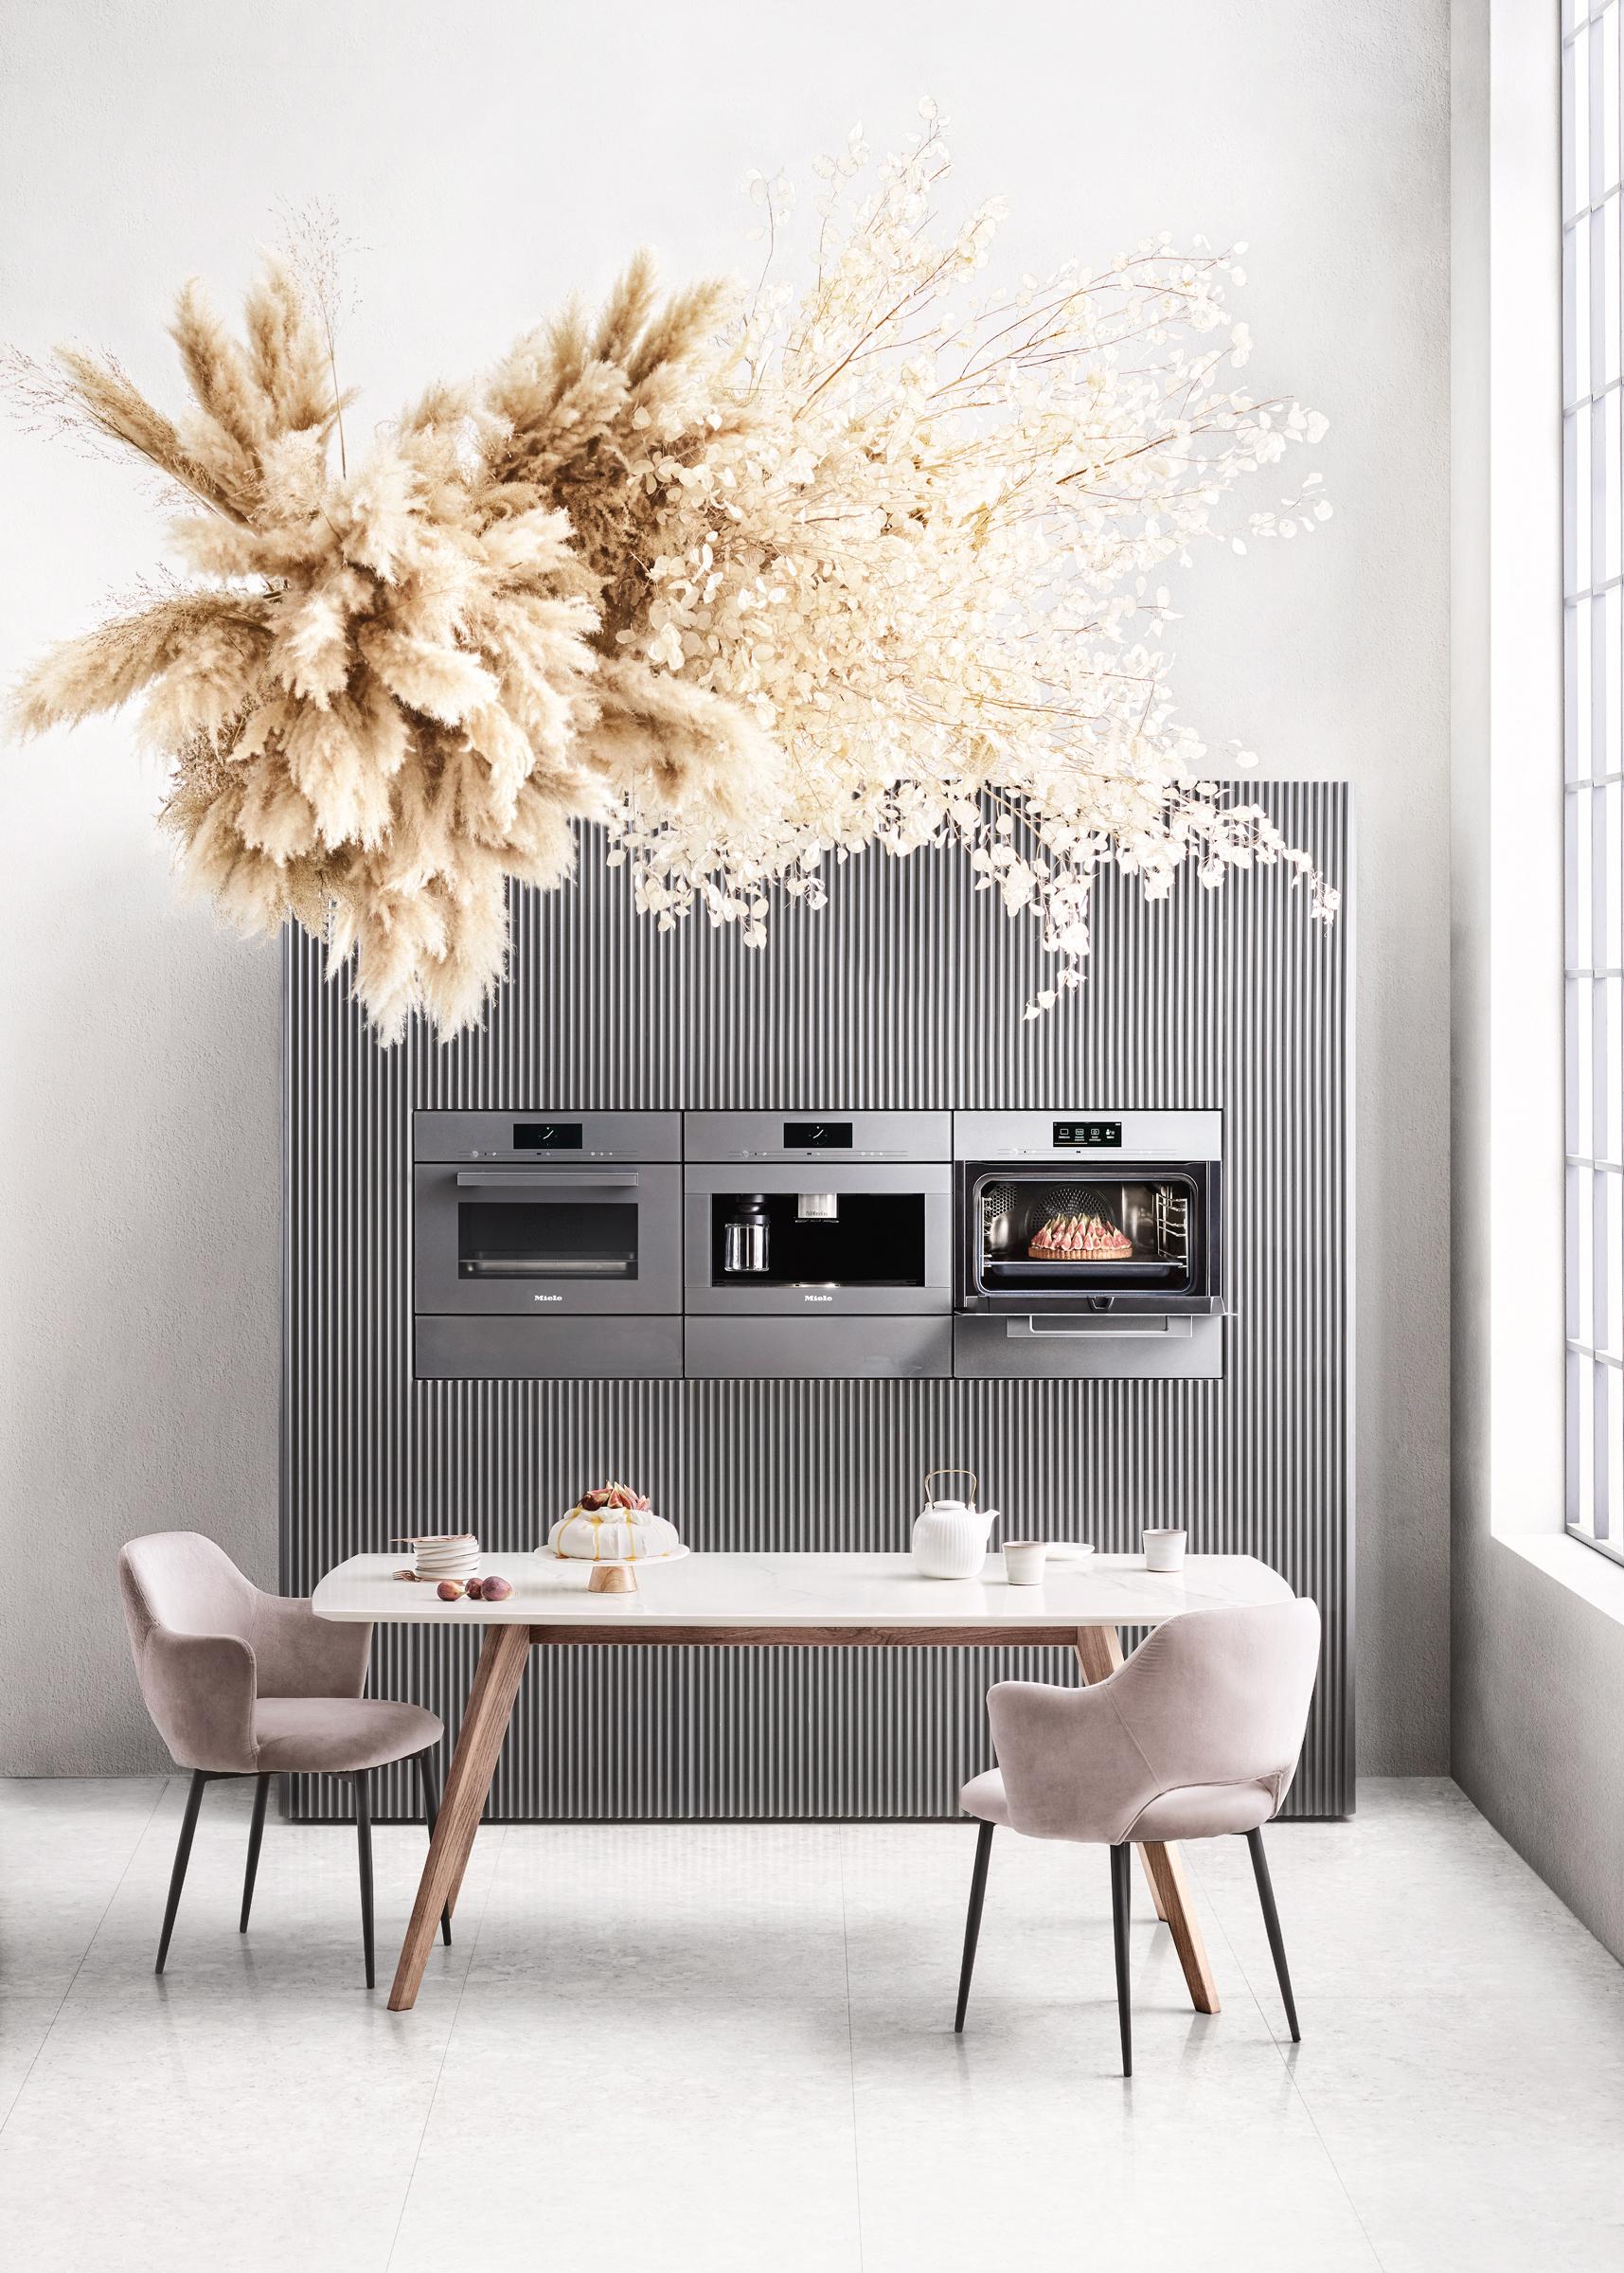 Miele Worldwide Cover image  Styling Maaike Koorman    flower art Marylennox.de   Food styling Adja Mehmet